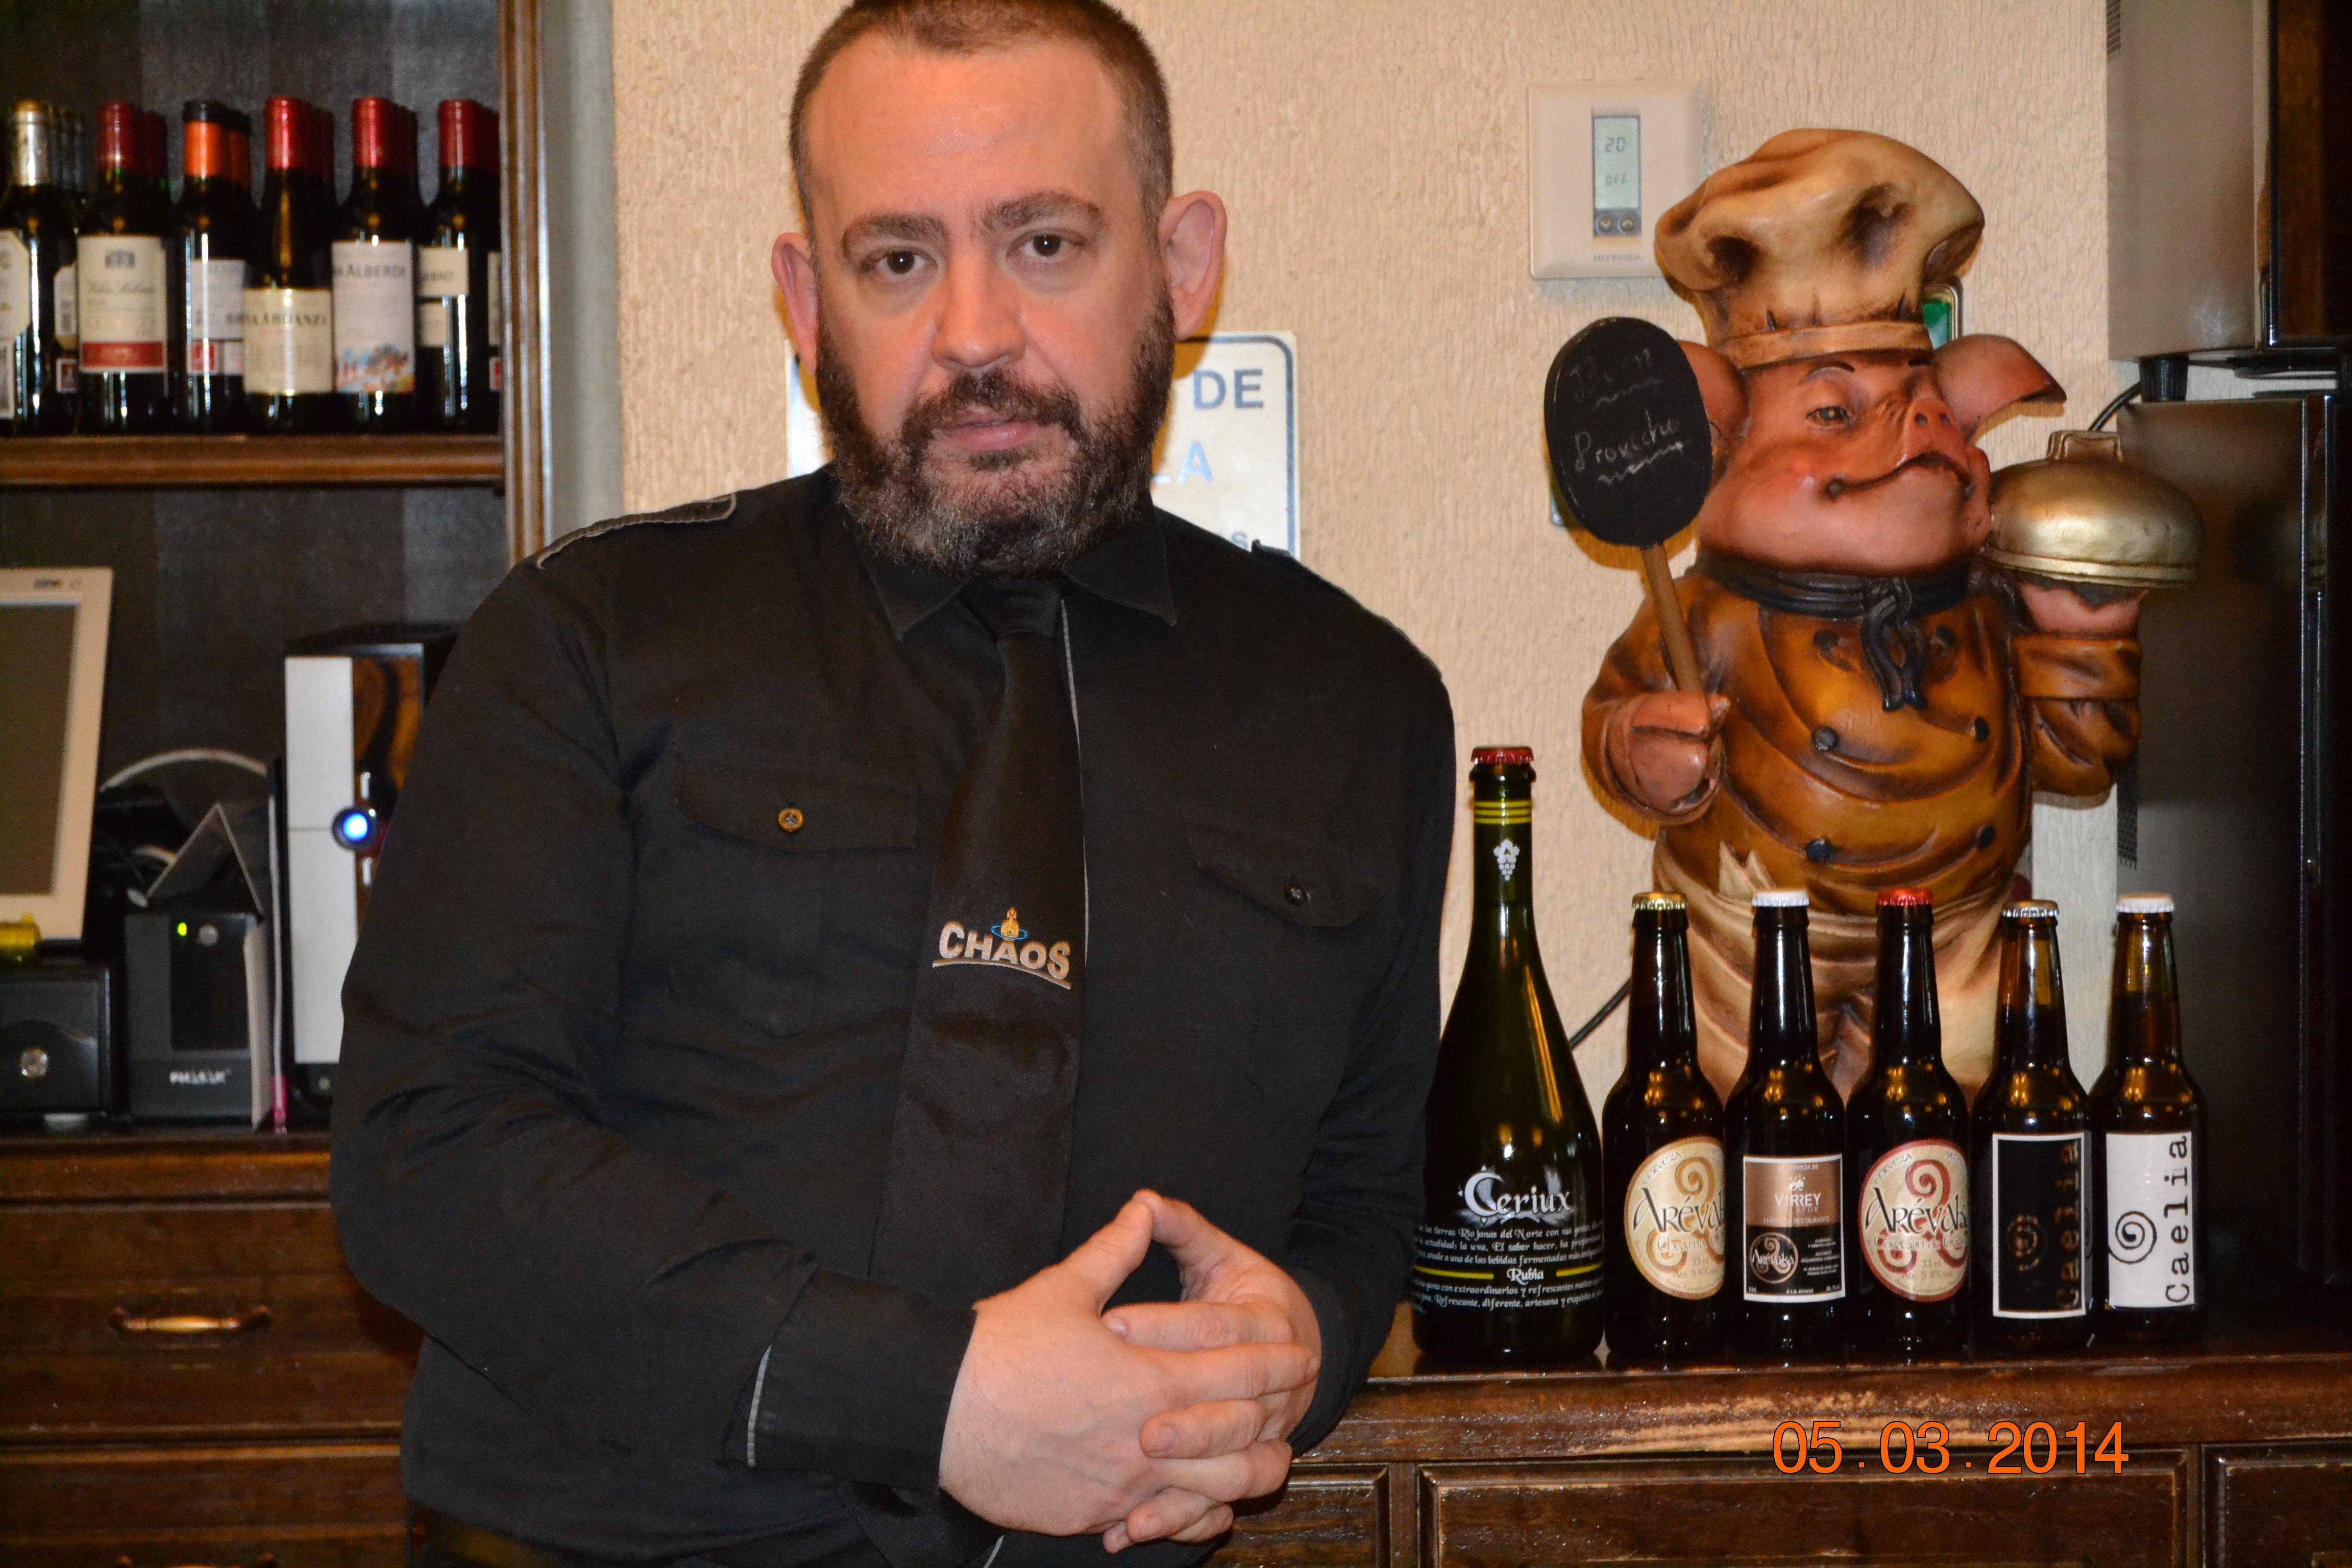 """César P. Martínez: """"Hacen falta verdaderos amantes de las cervezas, sumilleres a los que la cerveza les emocione y les subyugue"""""""